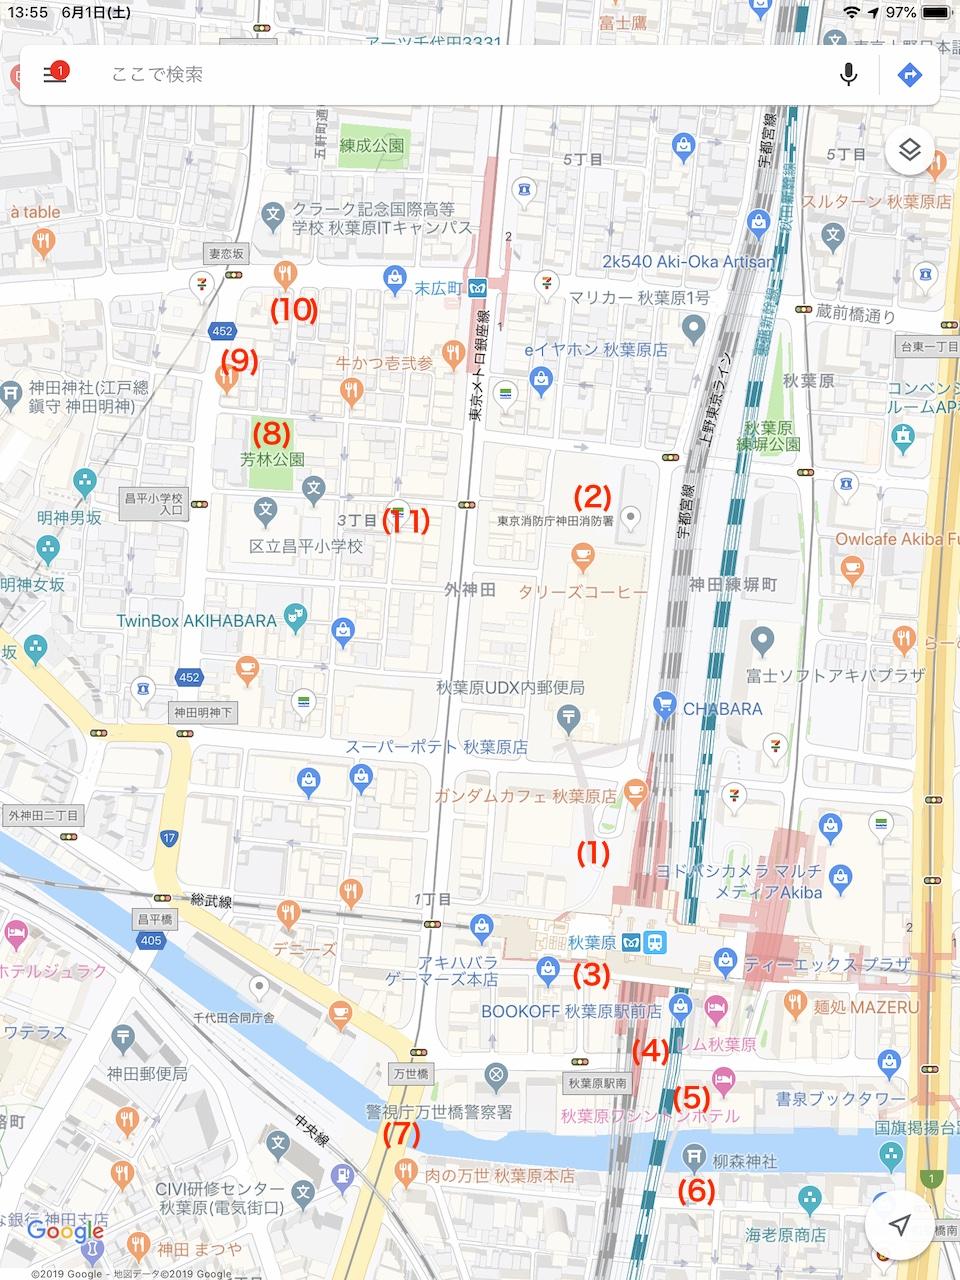 シュタインズゲート聖地巡礼マップ(秋葉原)の画像